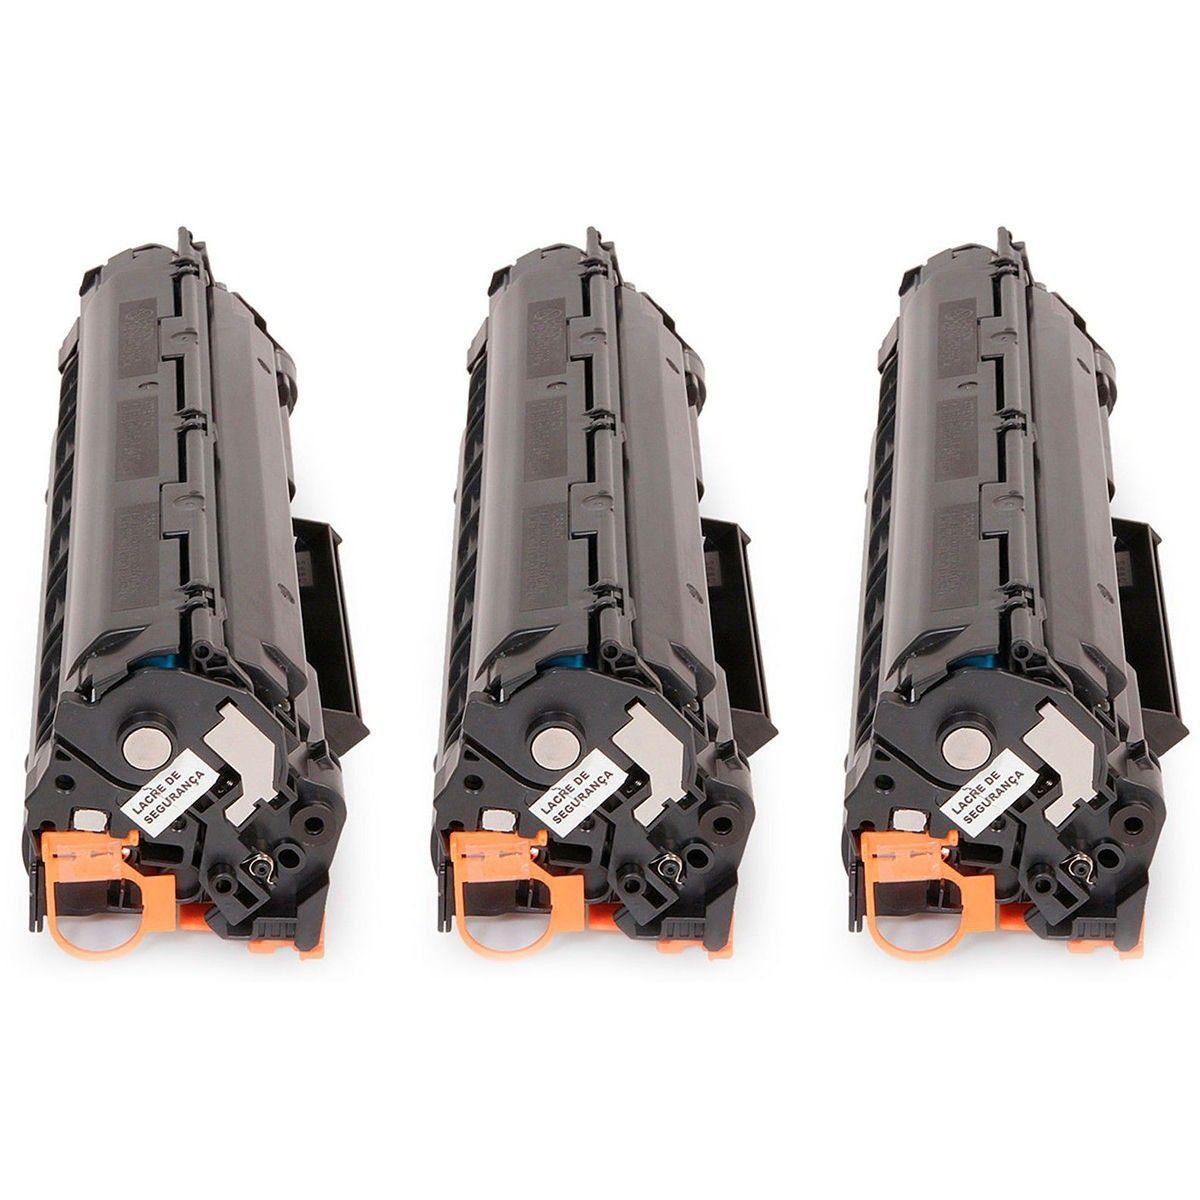 Compatível: Kit 3x Toner 35A 36A 85A para HP M1132 M1212 P1005 P1006 P1505 M1120 1102W P1102W P1102 / Preto / 1.800